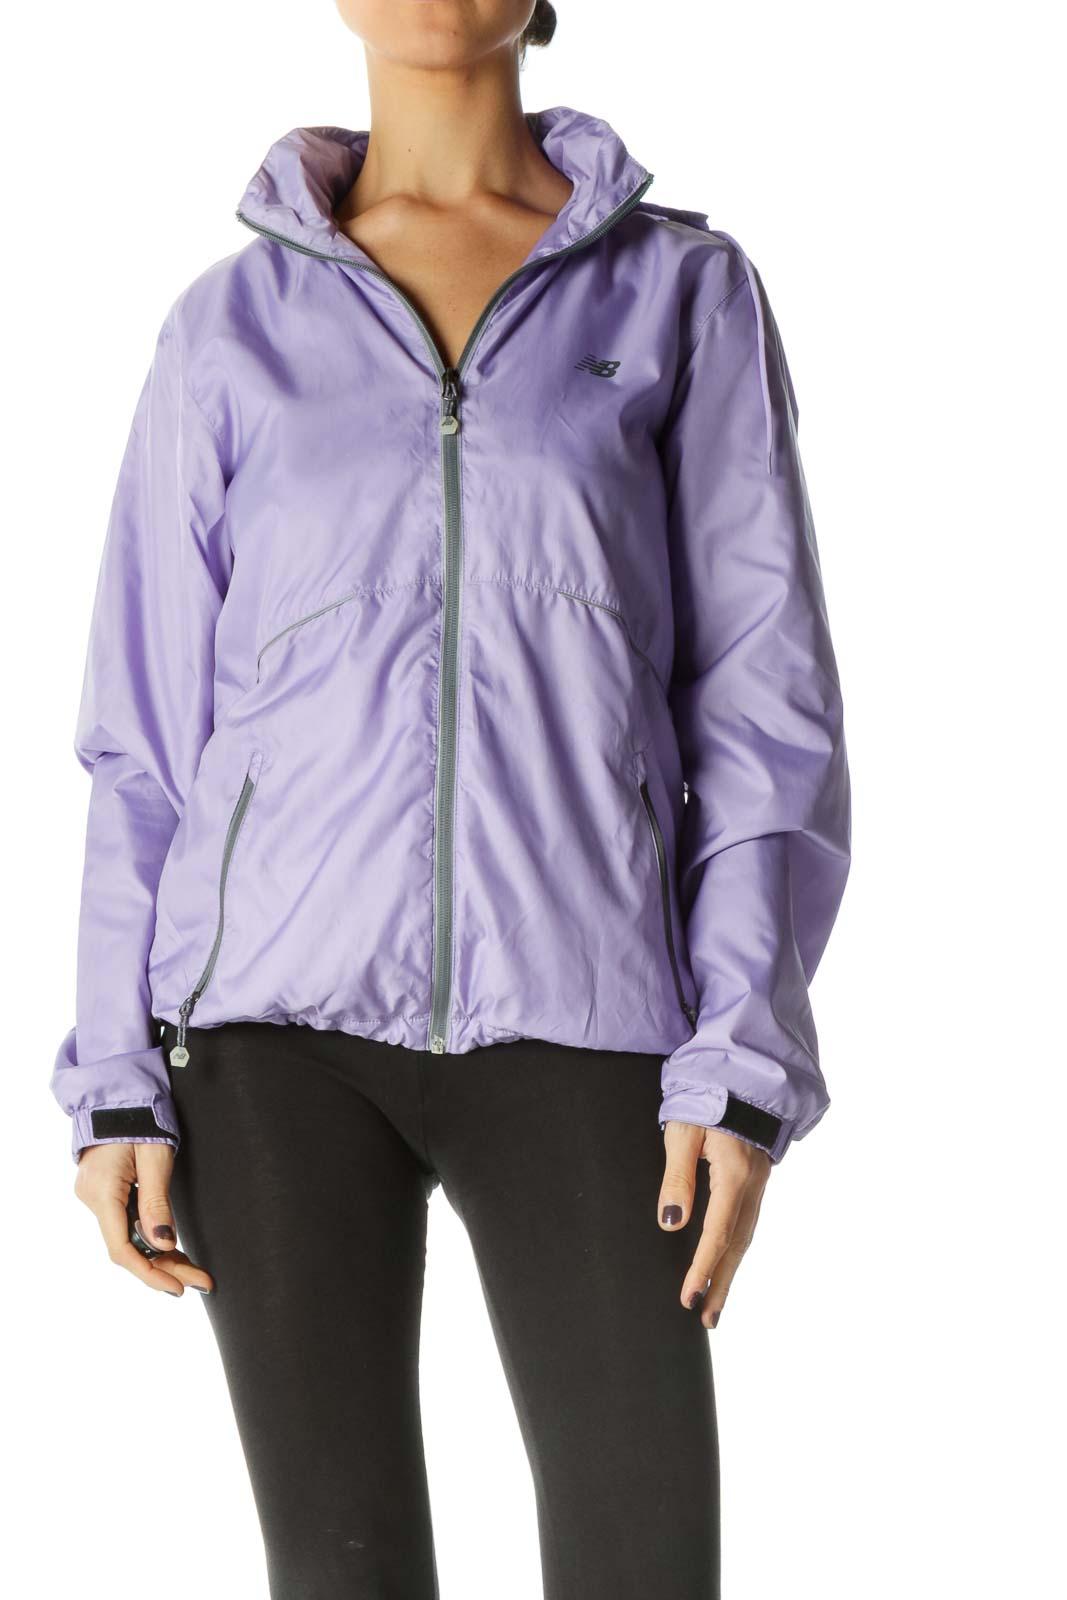 Purple Long Sleeve Windbreaker Jacket Front